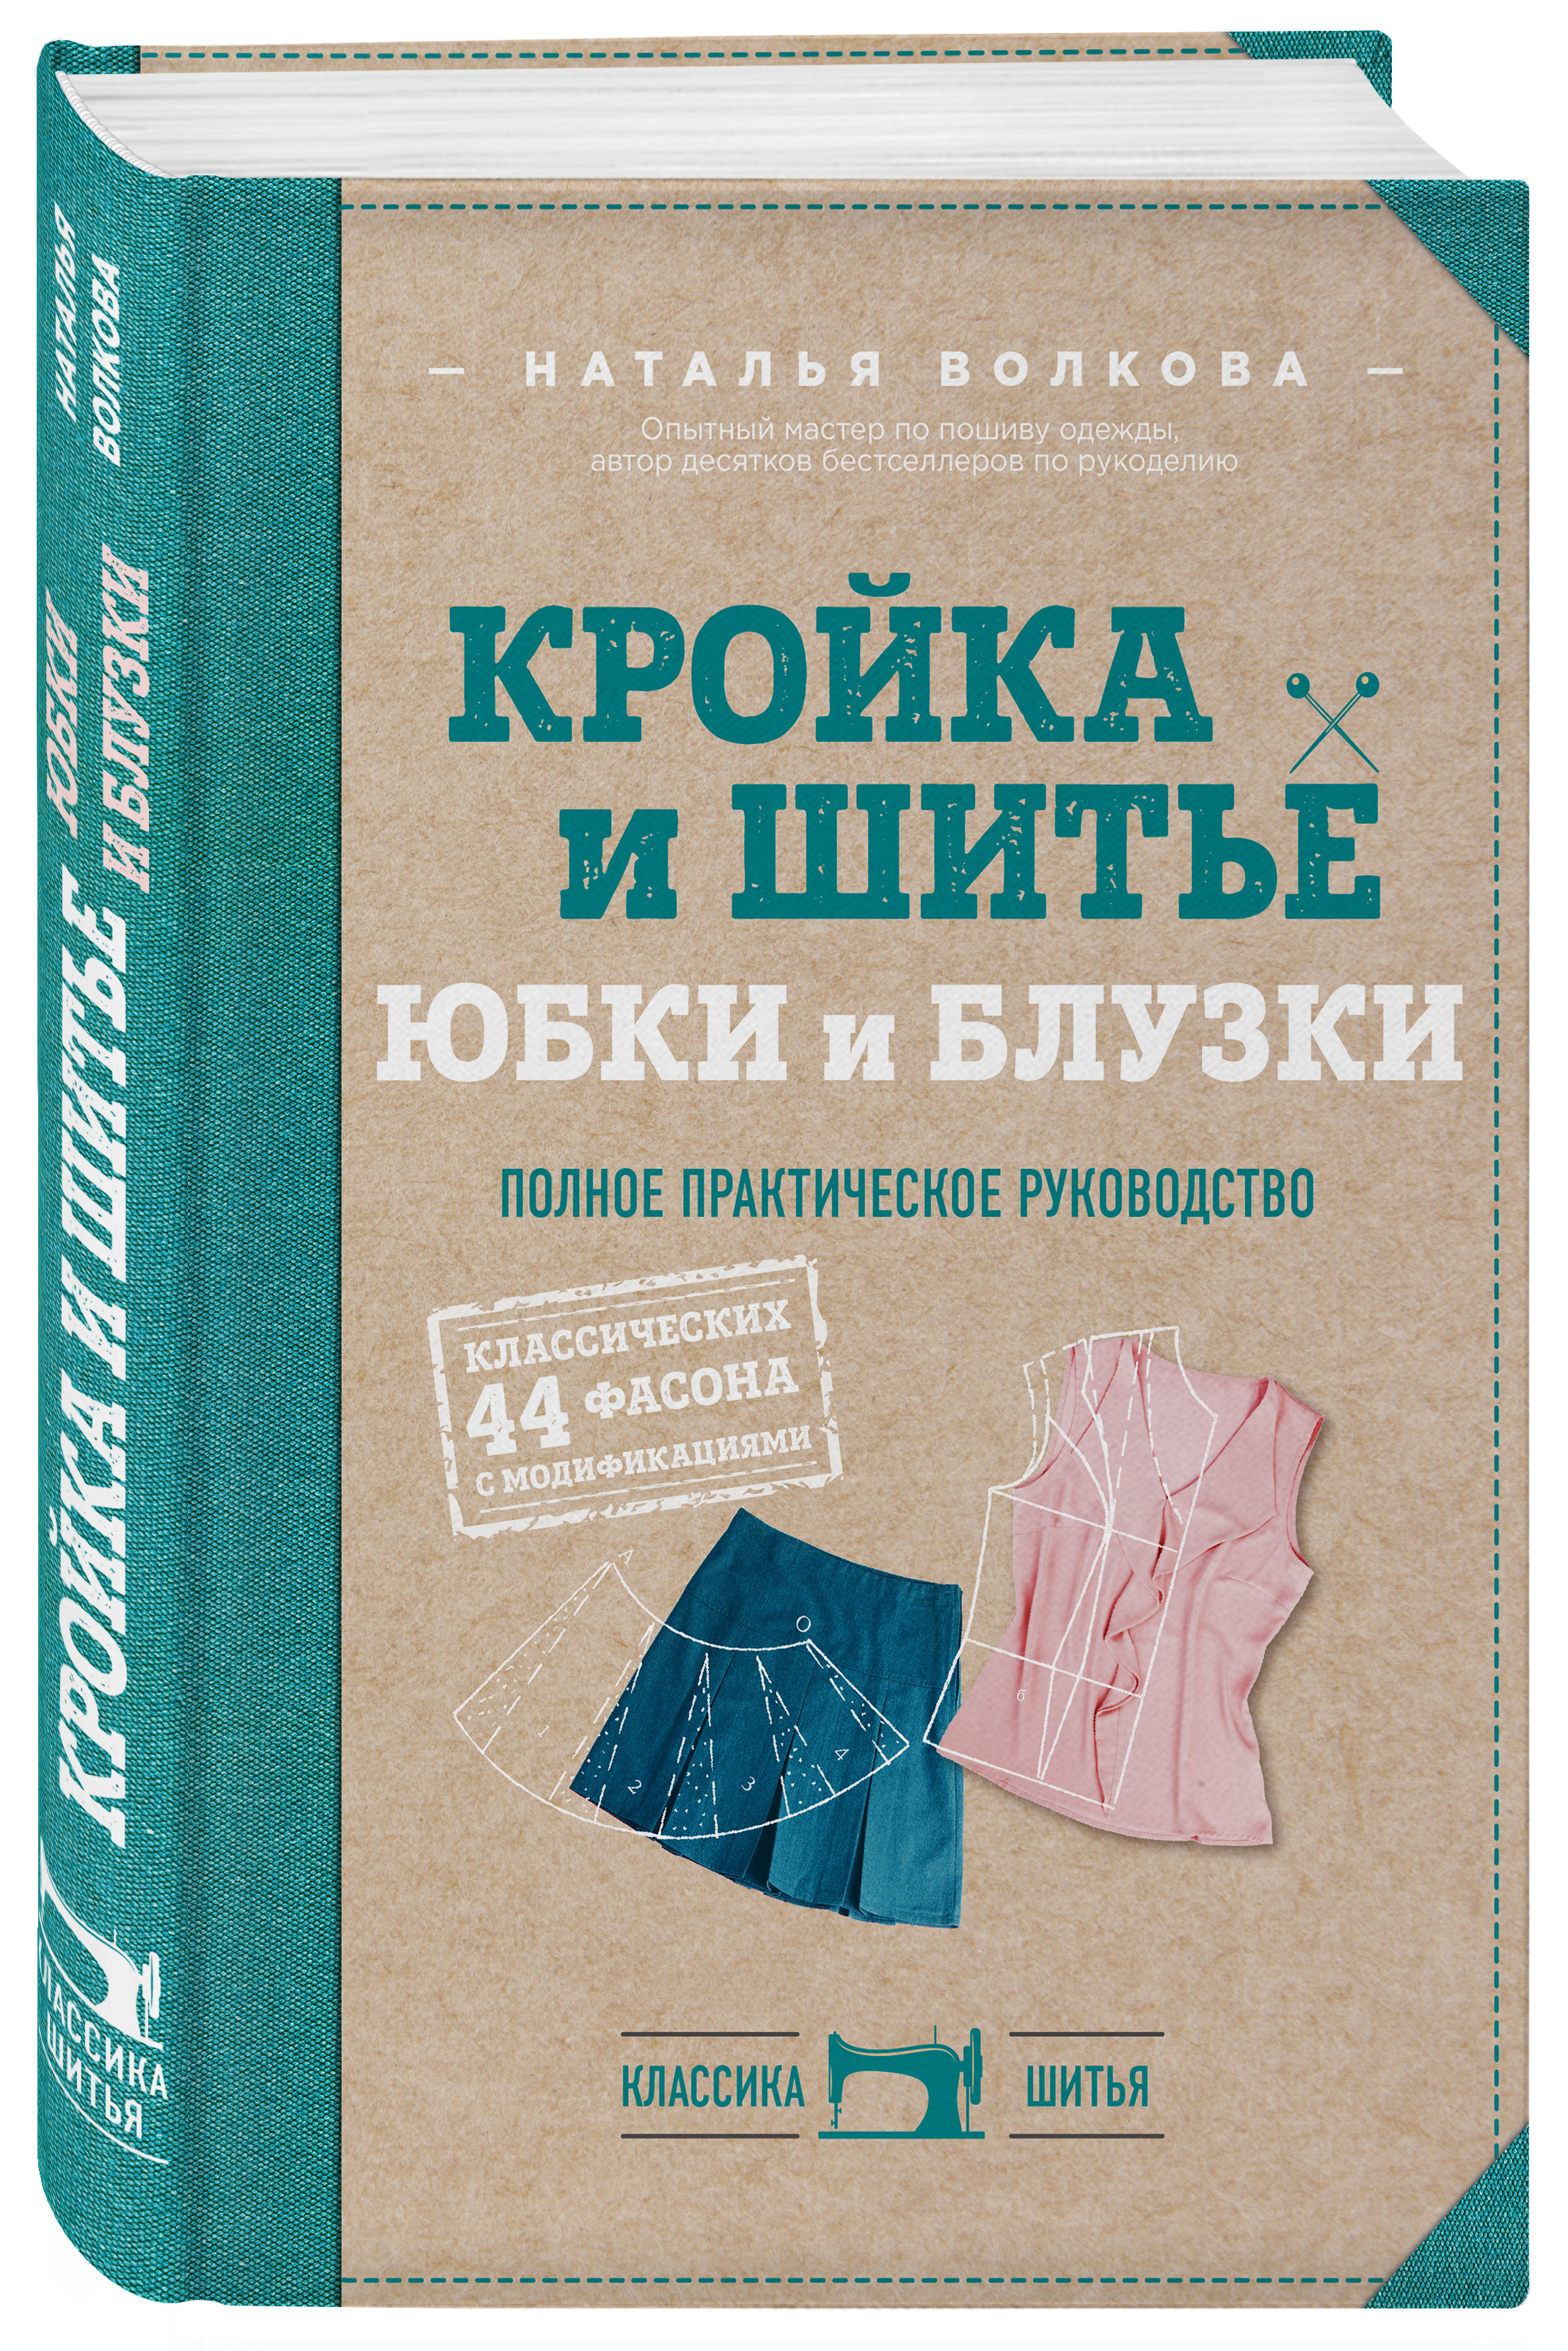 Волкова Н.В. Кройка и шитье. Юбки и блузки. Полное практическое руководство